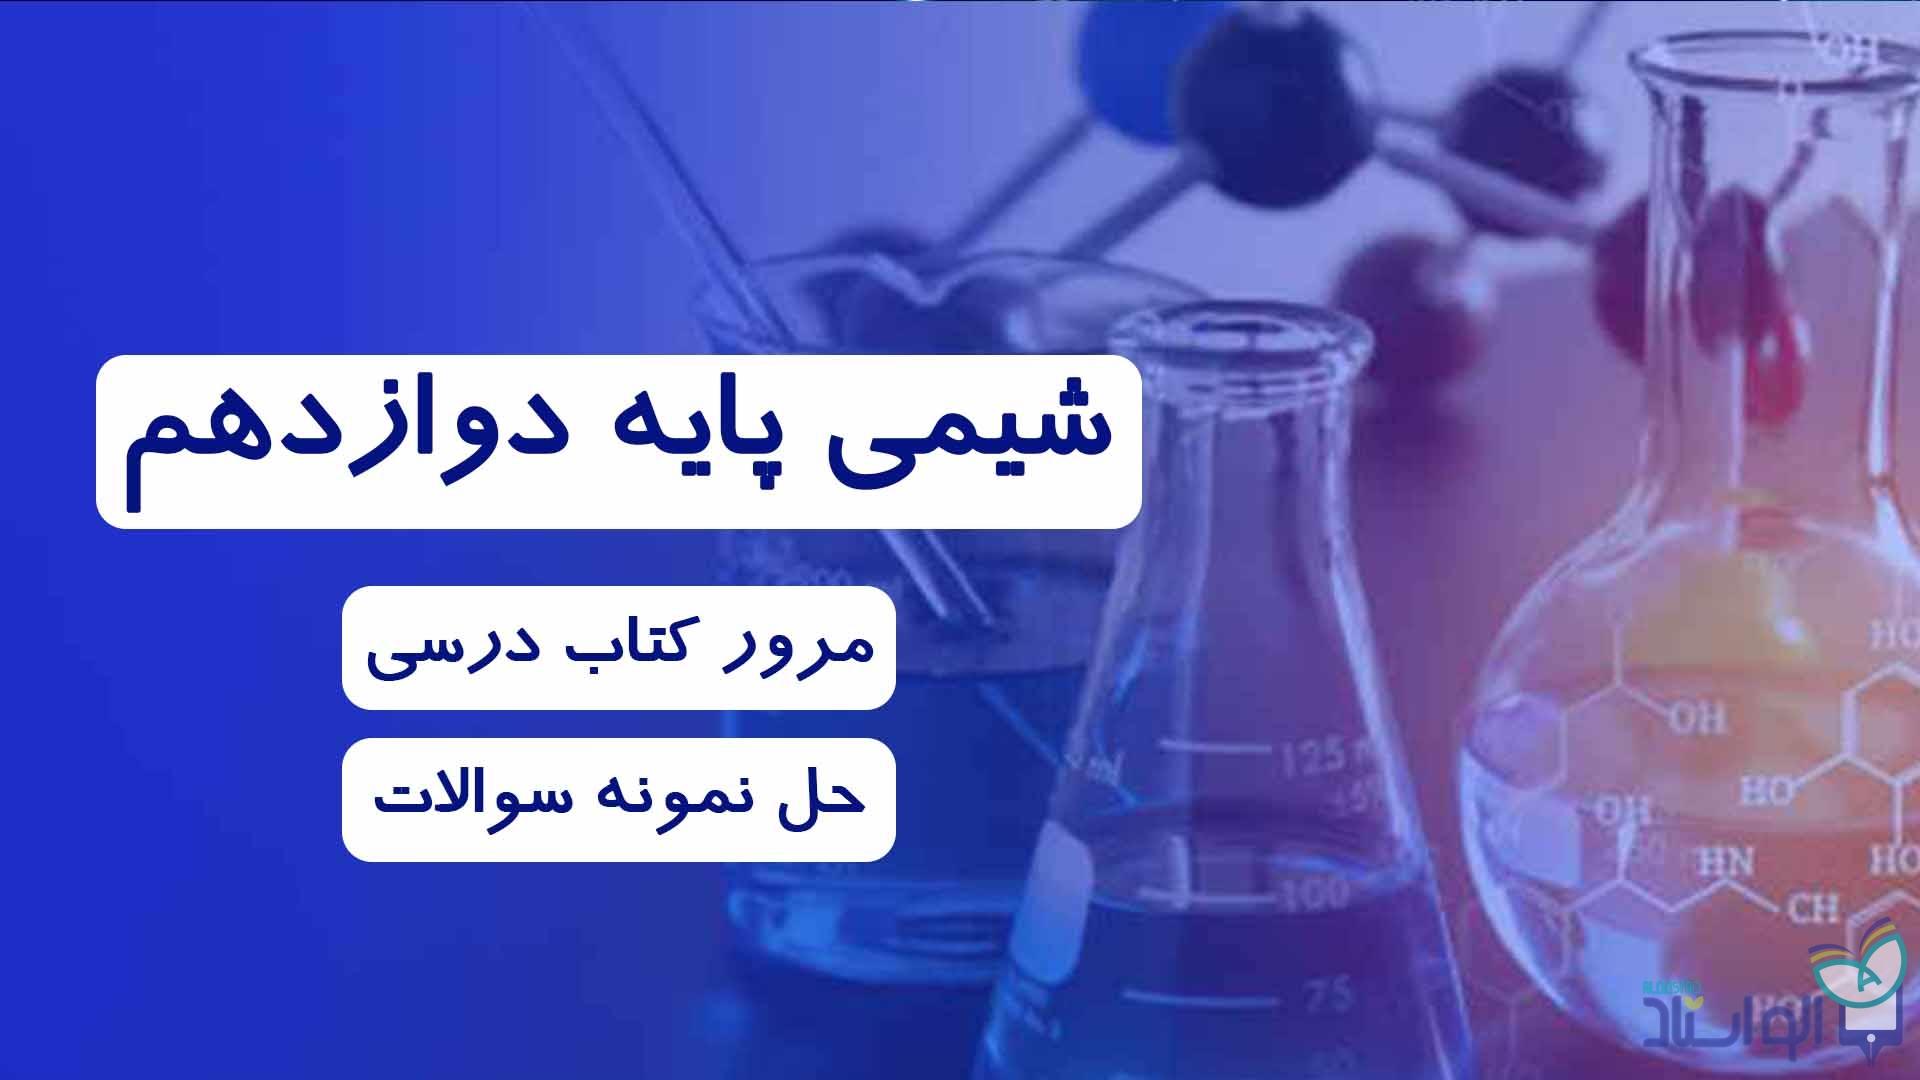 فیلم آموزش شیمی - پایه دوازدهم (مرور کتاب درسی)